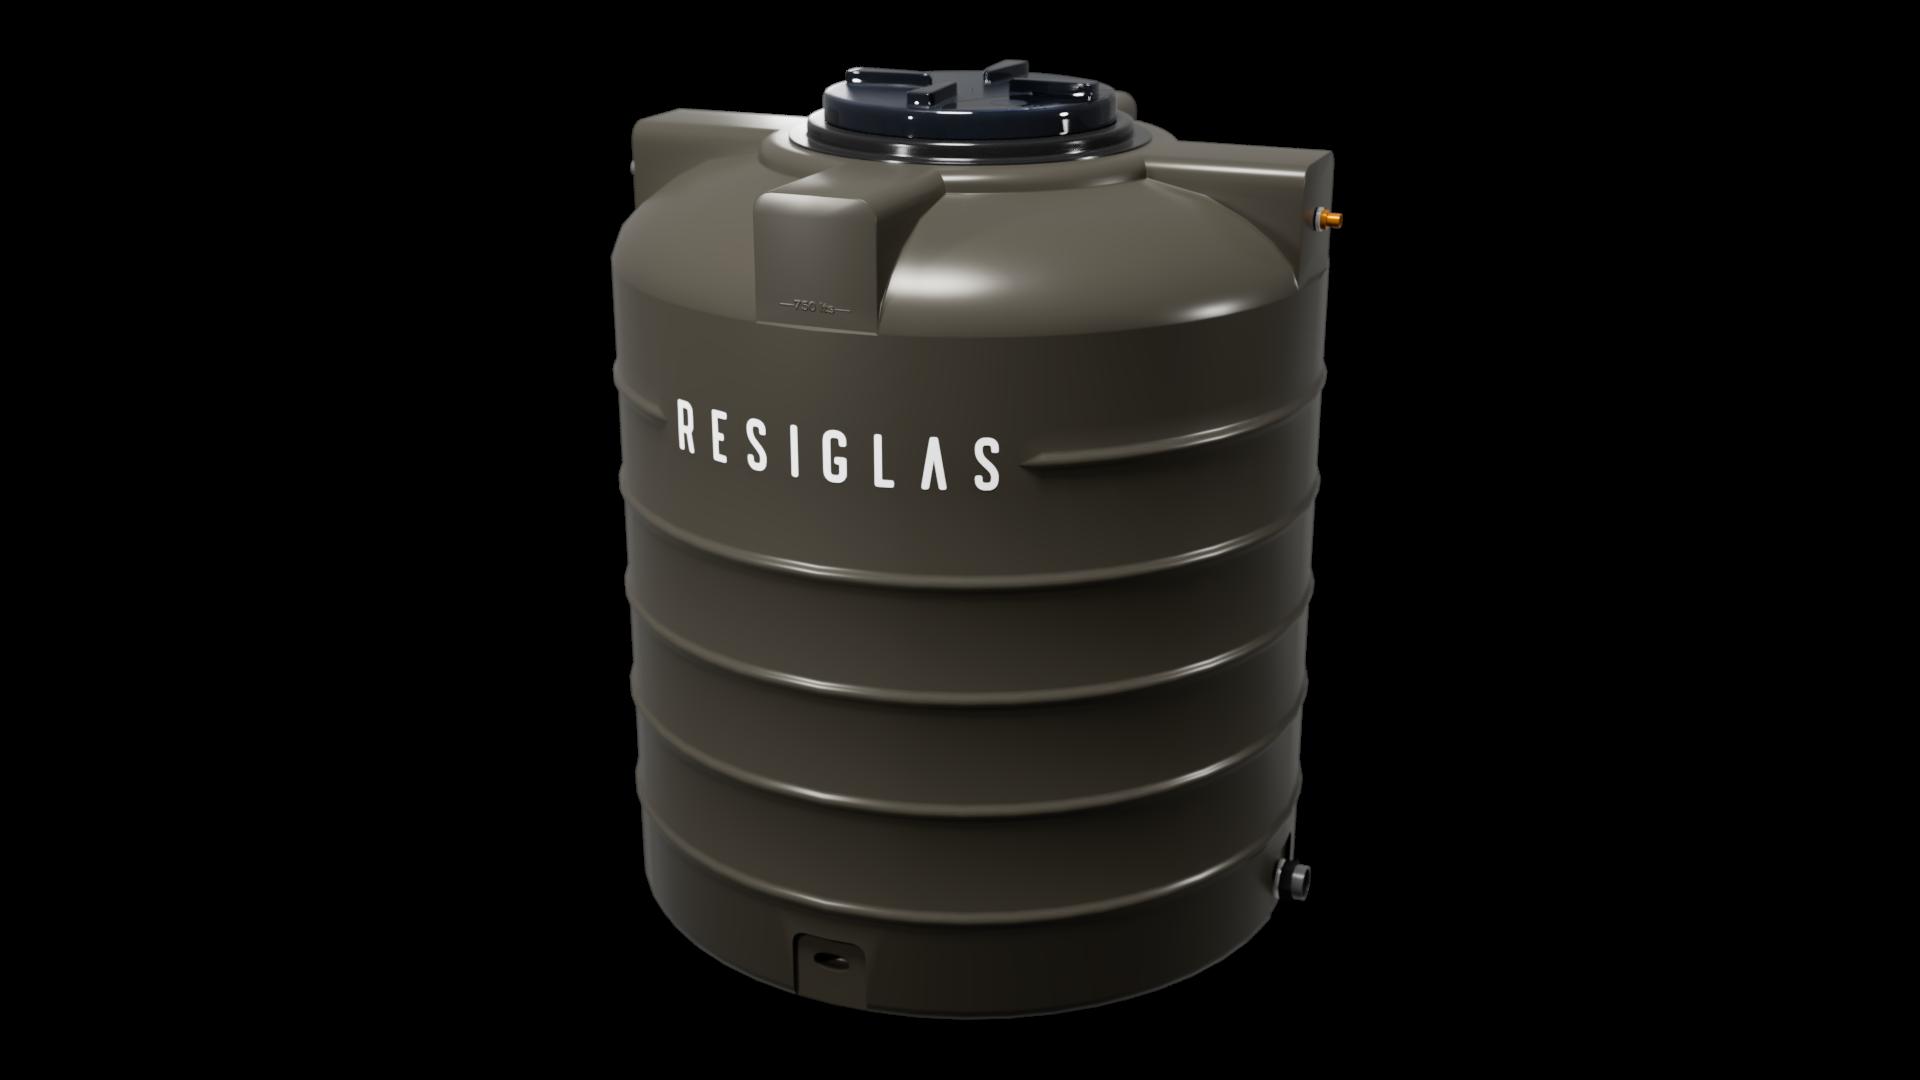 khaki shadow resiglas polychrome water tank